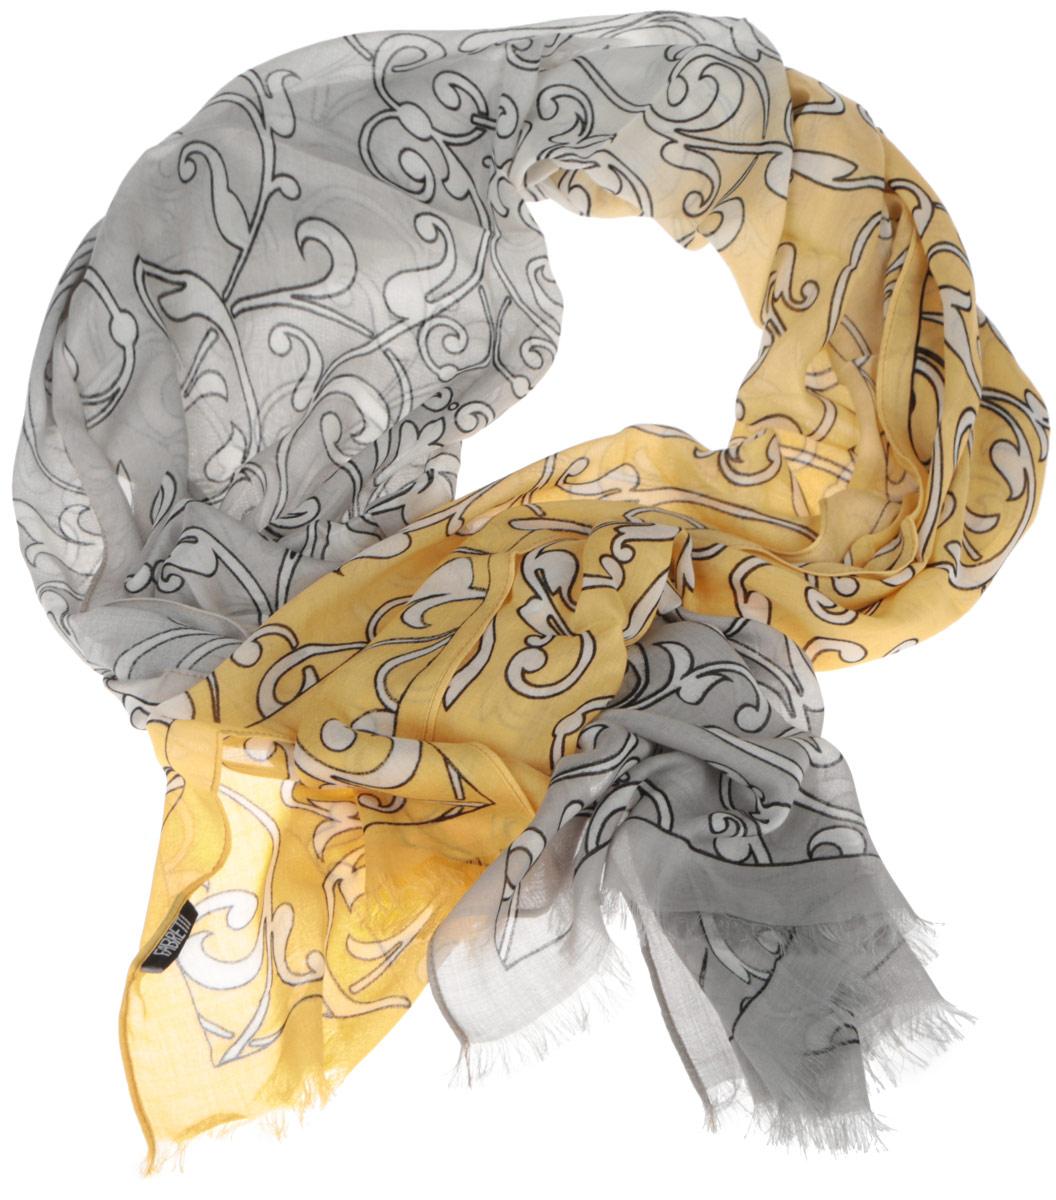 Шарф женский Fabretti, цвет: серый, желтый. DS2015-002-21. Размер 184 см х 70 смDS2015-002-21Женский шарф Fabretti позволит вам создать неповторимый и запоминающийся образ. Изготовленный из высококачественных материалов, он очень легкий, мягкий, имеет приятную на ощупь текстуру. Модель оформлена изысканным узором, украшена по краям короткими кисточками. Такой аксессуар станет стильным дополнением к гардеробу современной женщины, стремящейся всегда оставаться яркой и элегантной.